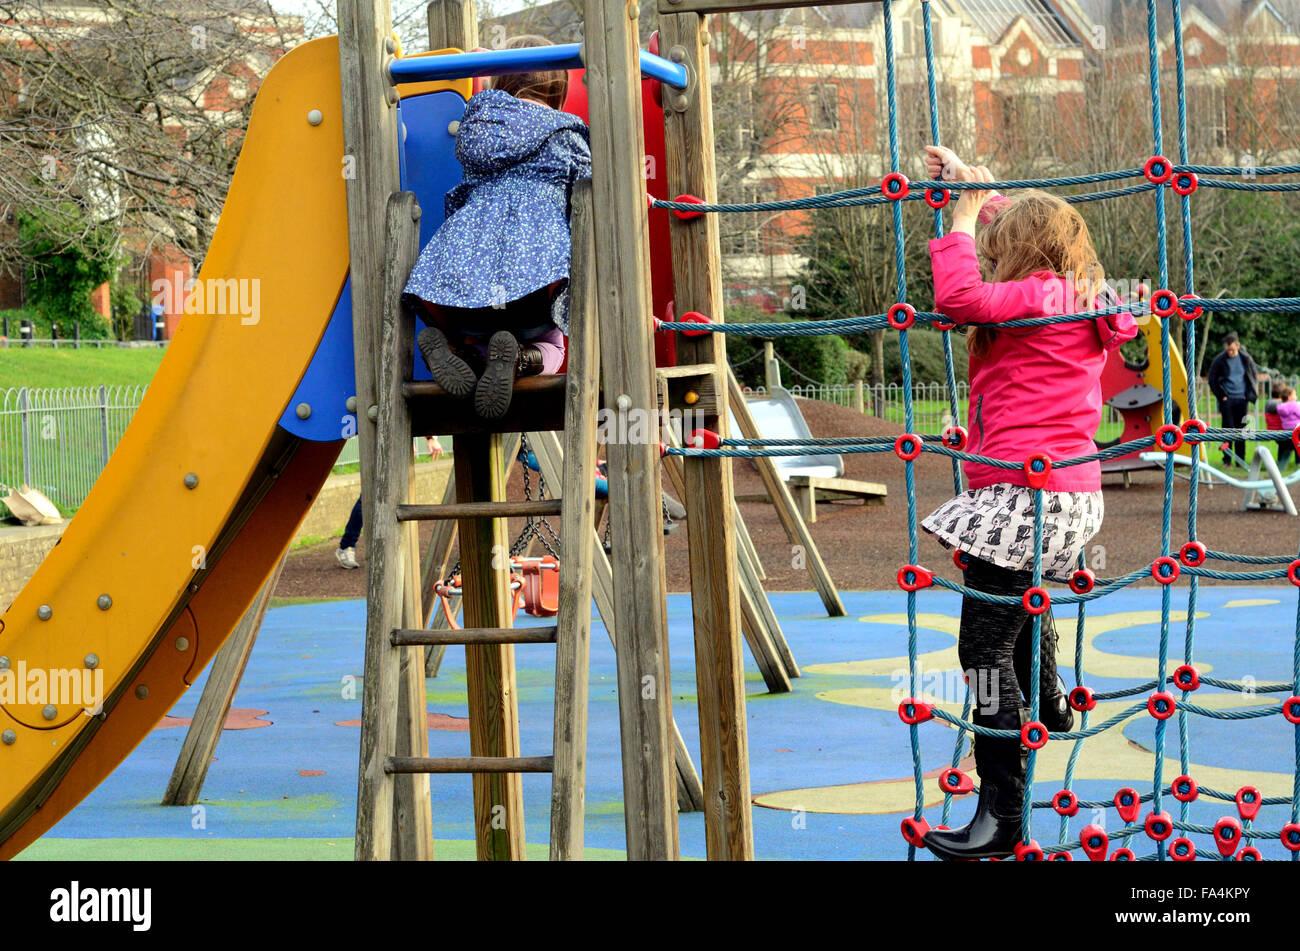 Klettergerüst Ab 1 Jahr : Kinder spielen auf einem klettergerüst in ein kinderspielplatz